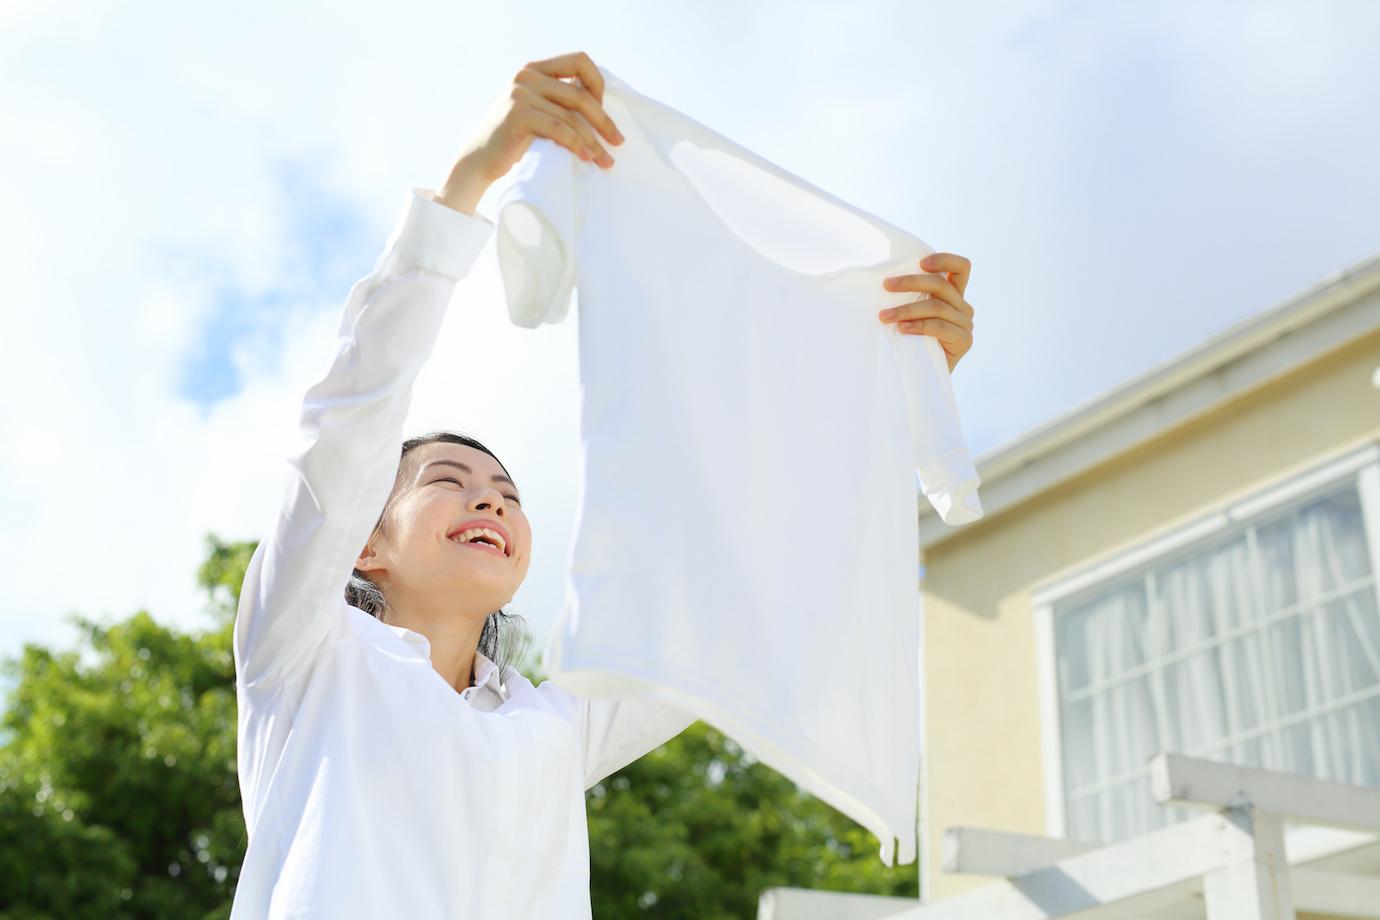 洗濯物をすぐに乾かしたい!そんな時に役に立つ便利な小技集